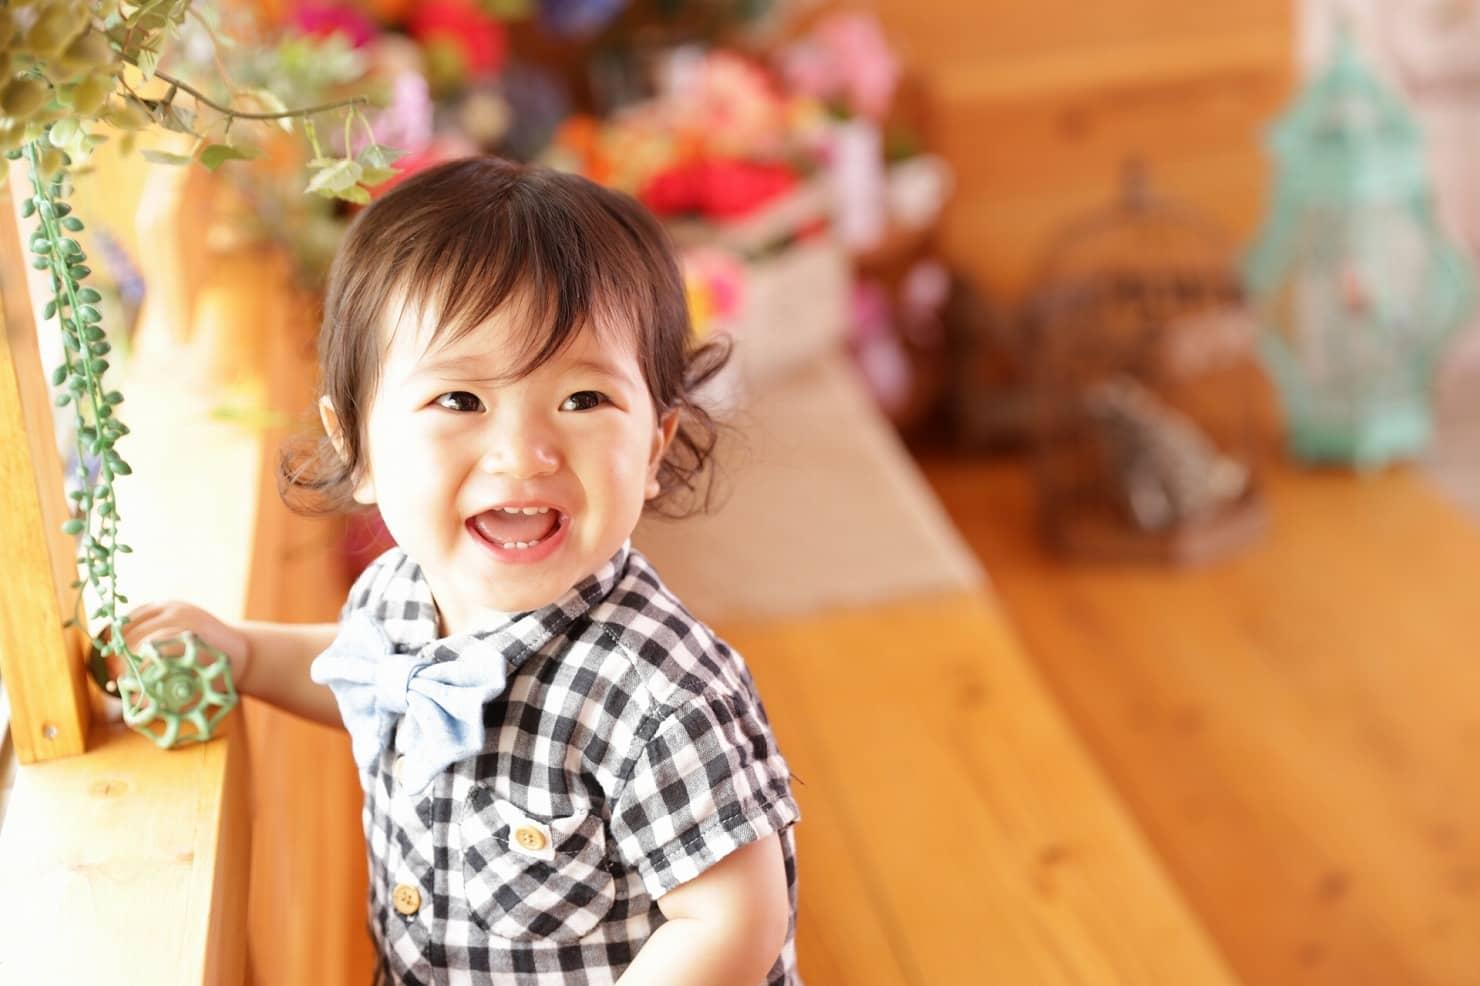 1歳0ヶ月 生後12ヶ月 の赤ちゃんの成長とお世話 食事量の目安や遊び方は はいチーズ Clip